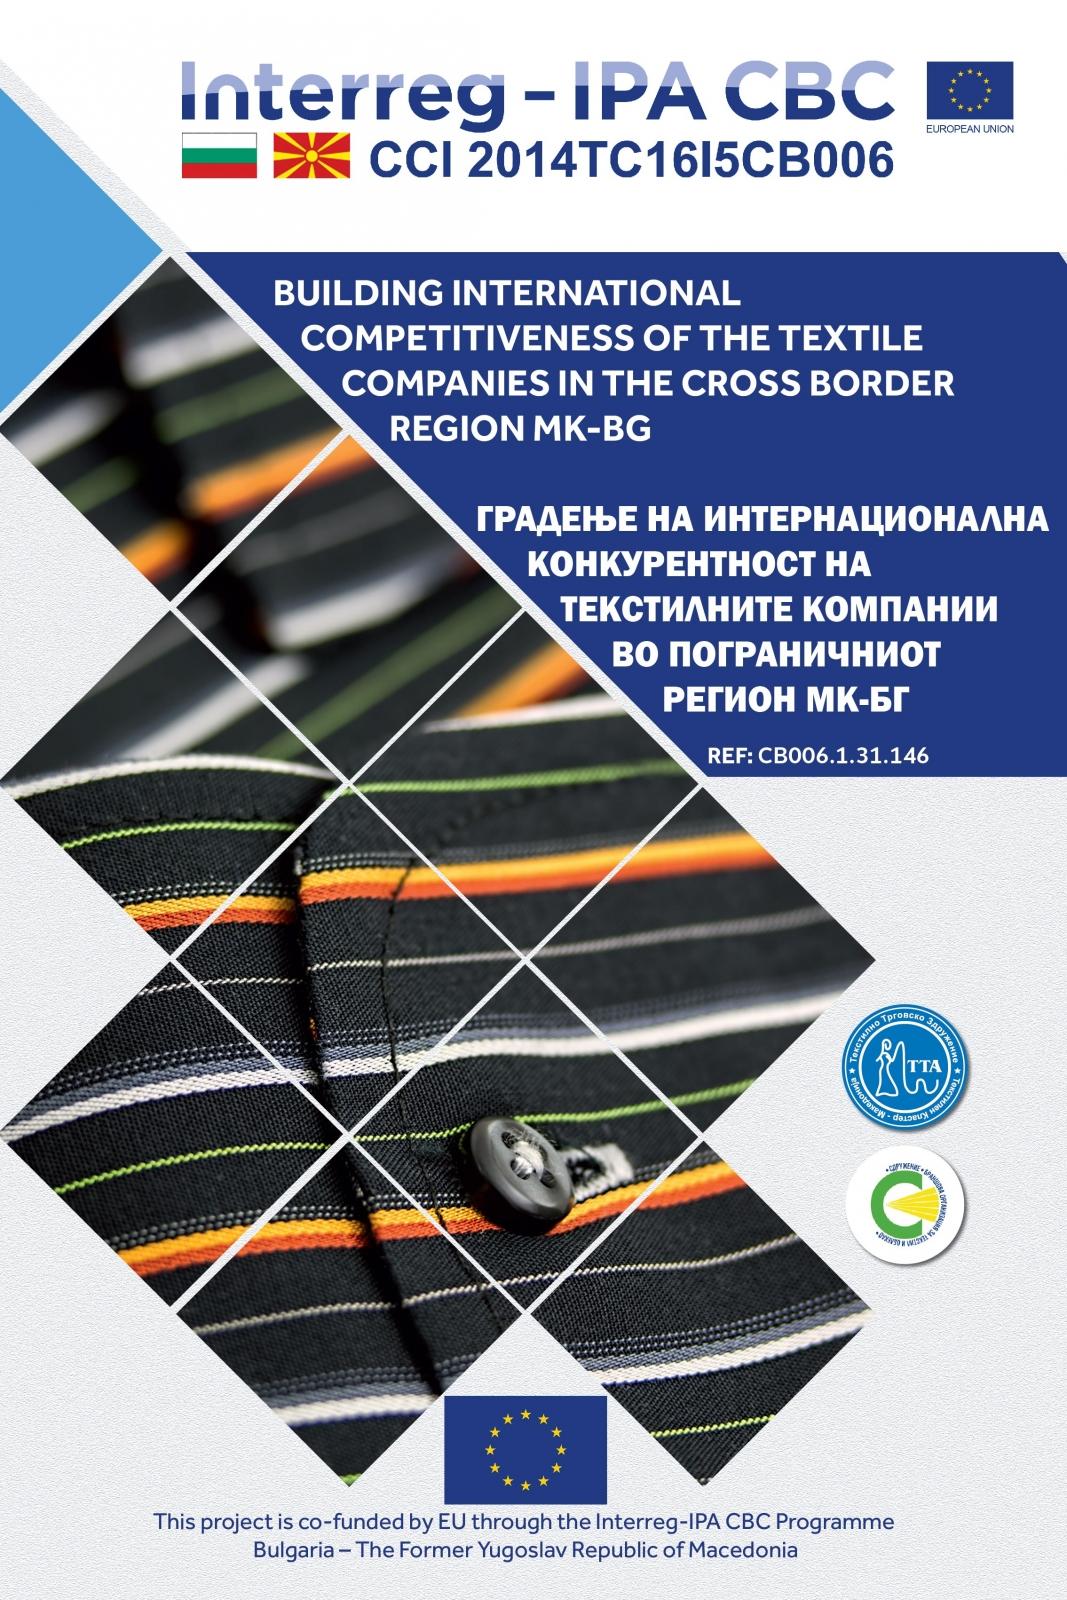 Резиме на проектот  Градење на интернационална конкурентност на текстилните компании во пограничниот регион Мк Бг